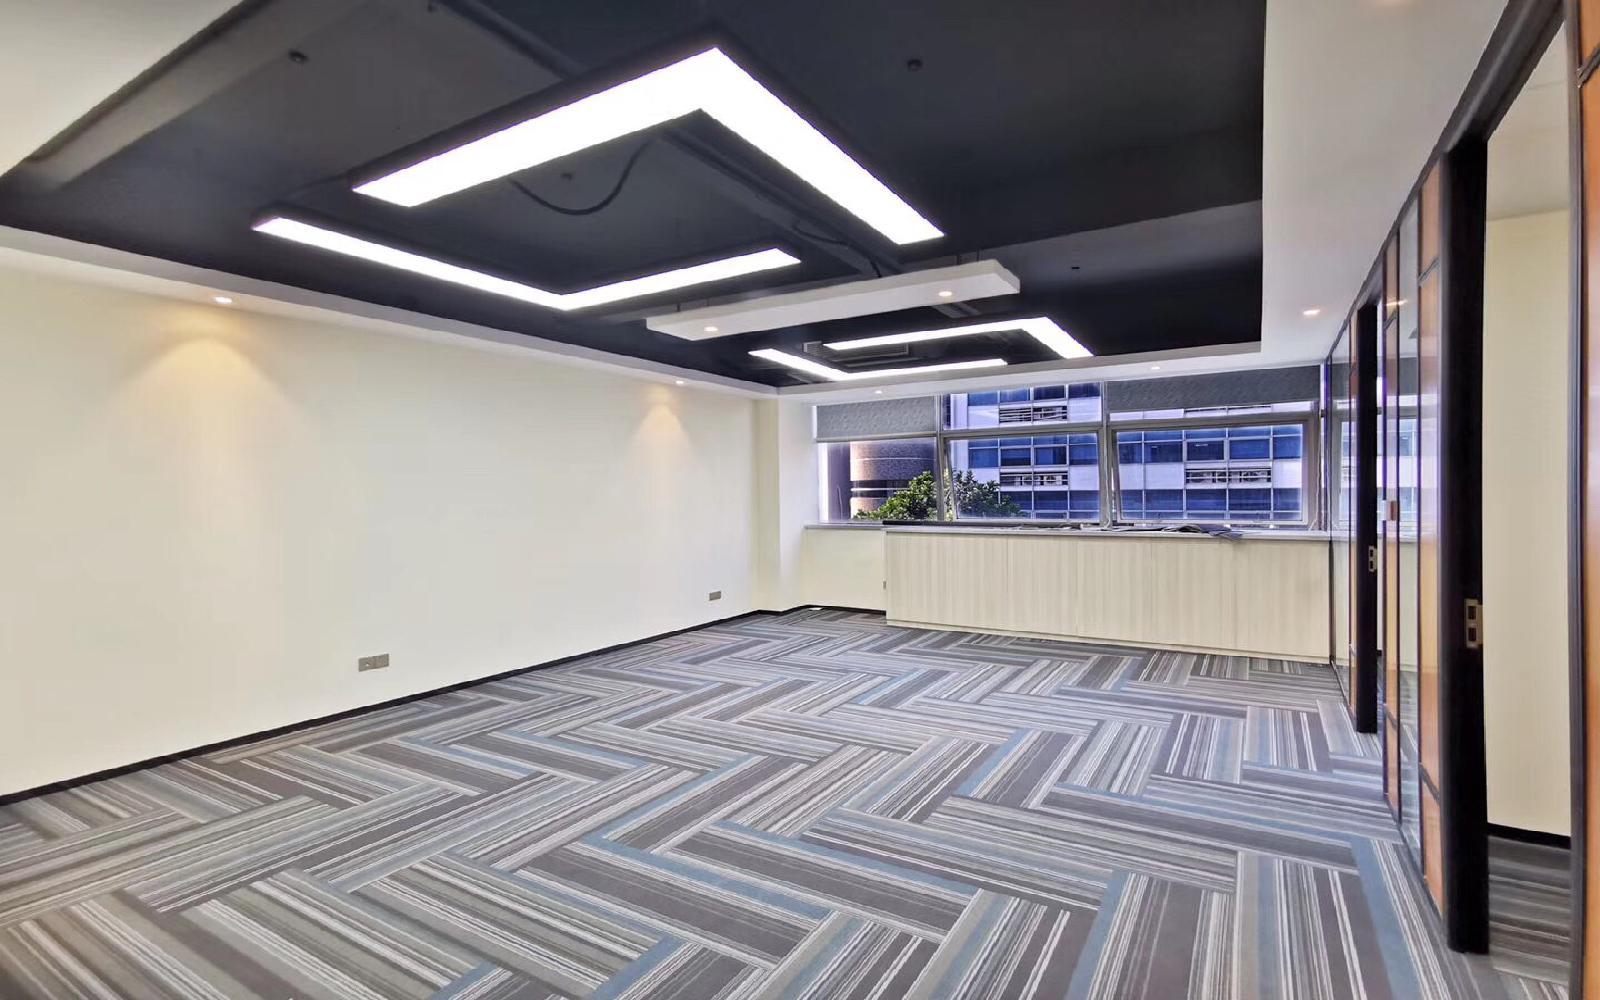 南山-科技园 深圳软件园 175m²